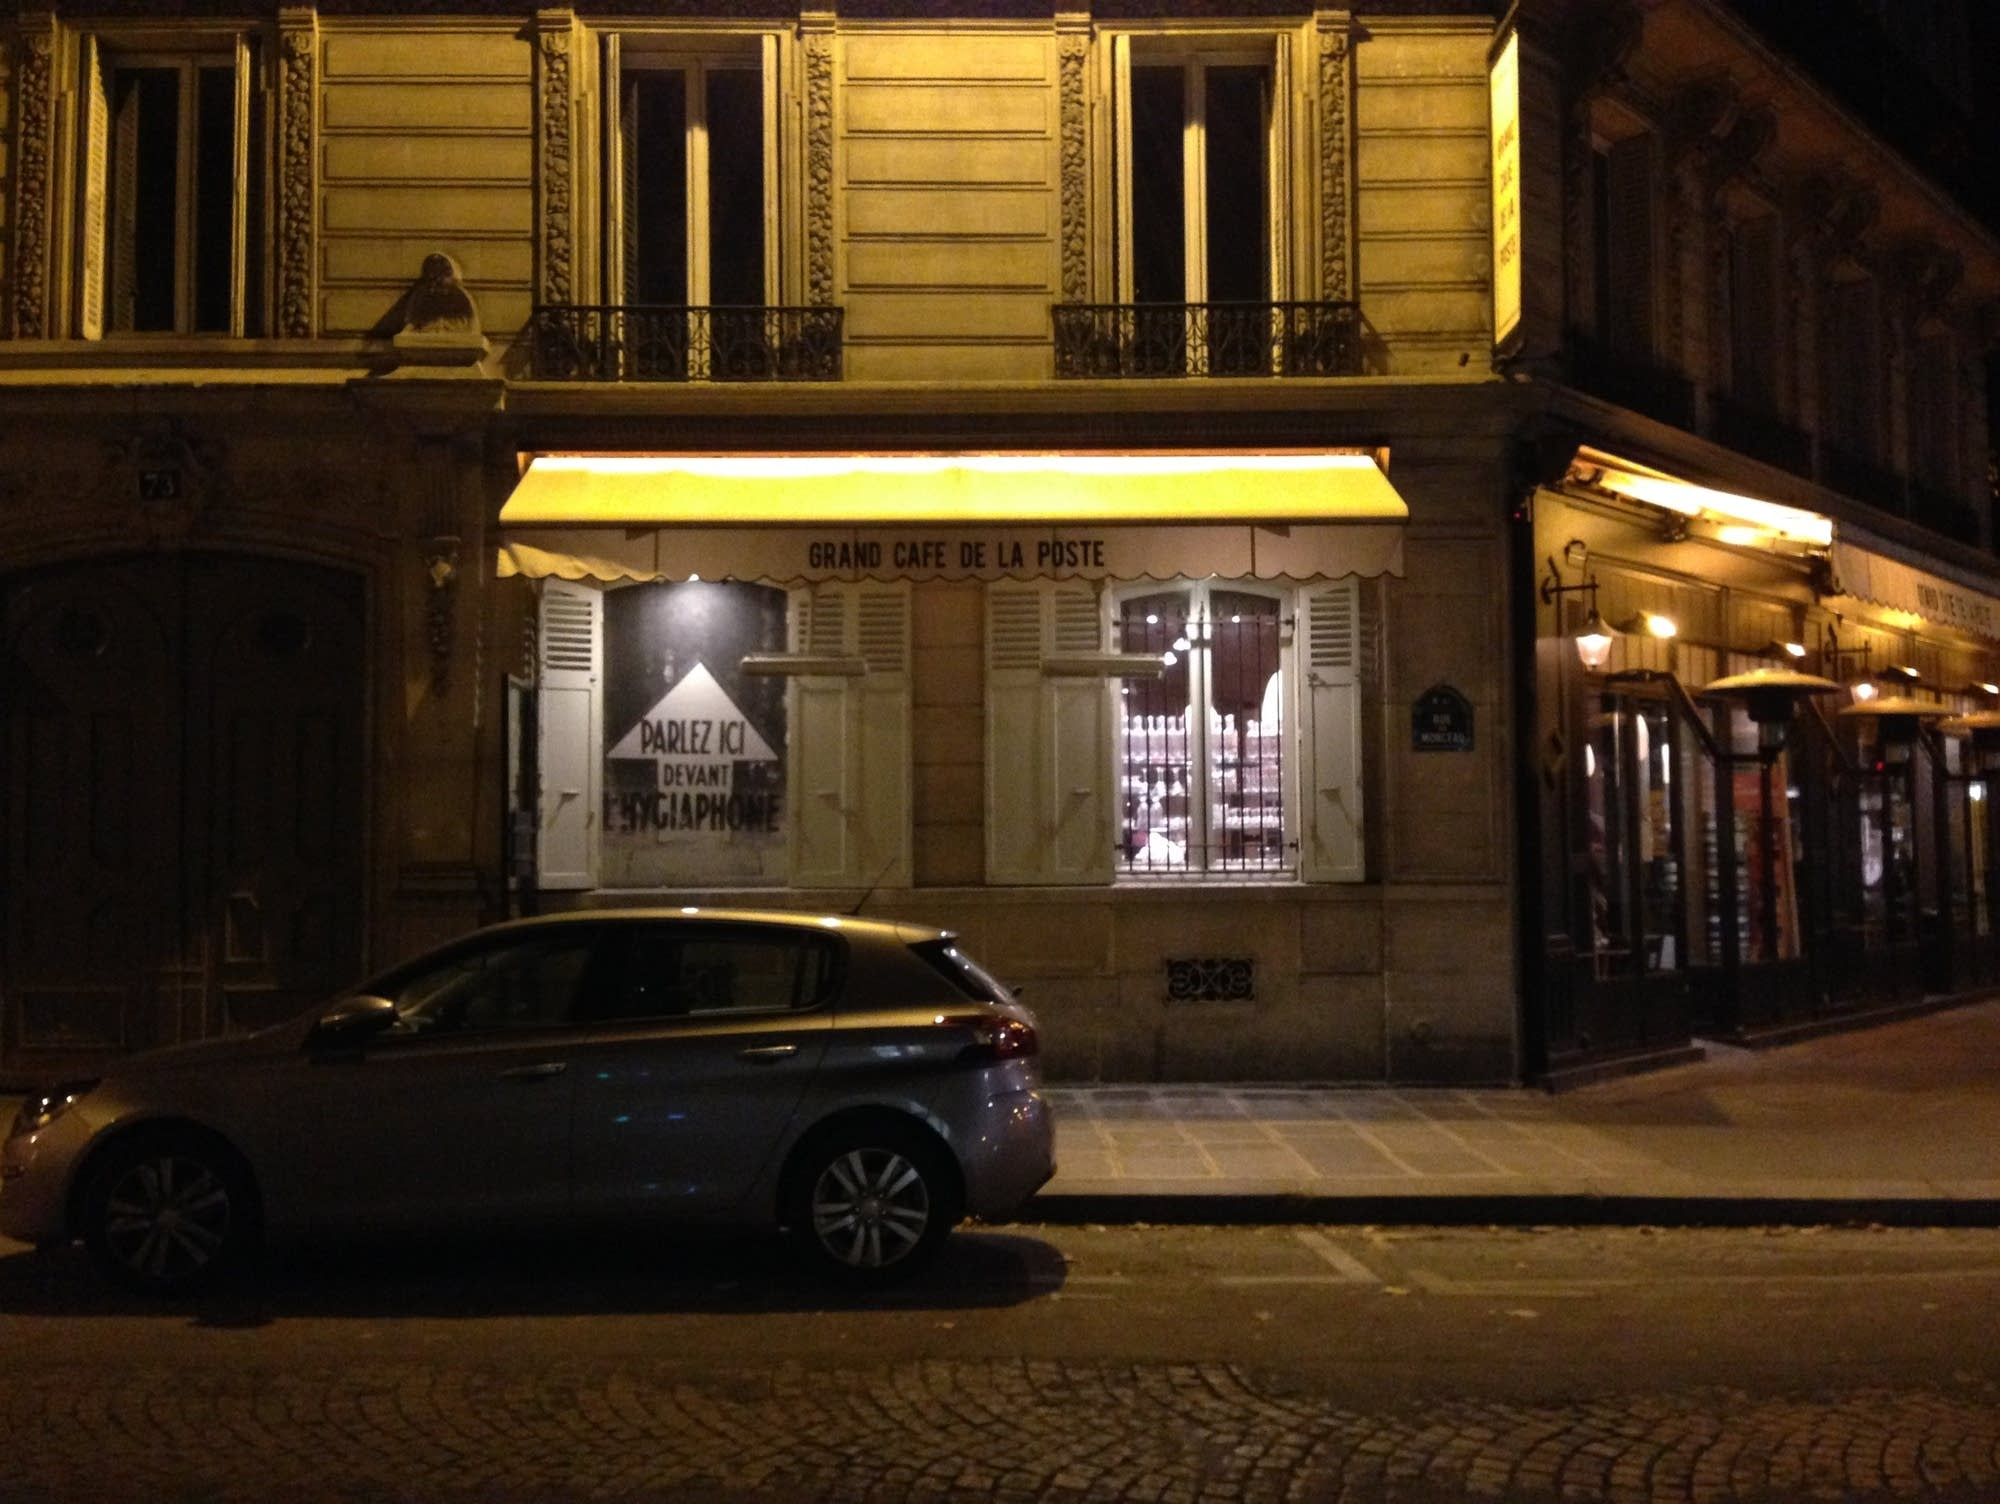 Le Grand Cafe